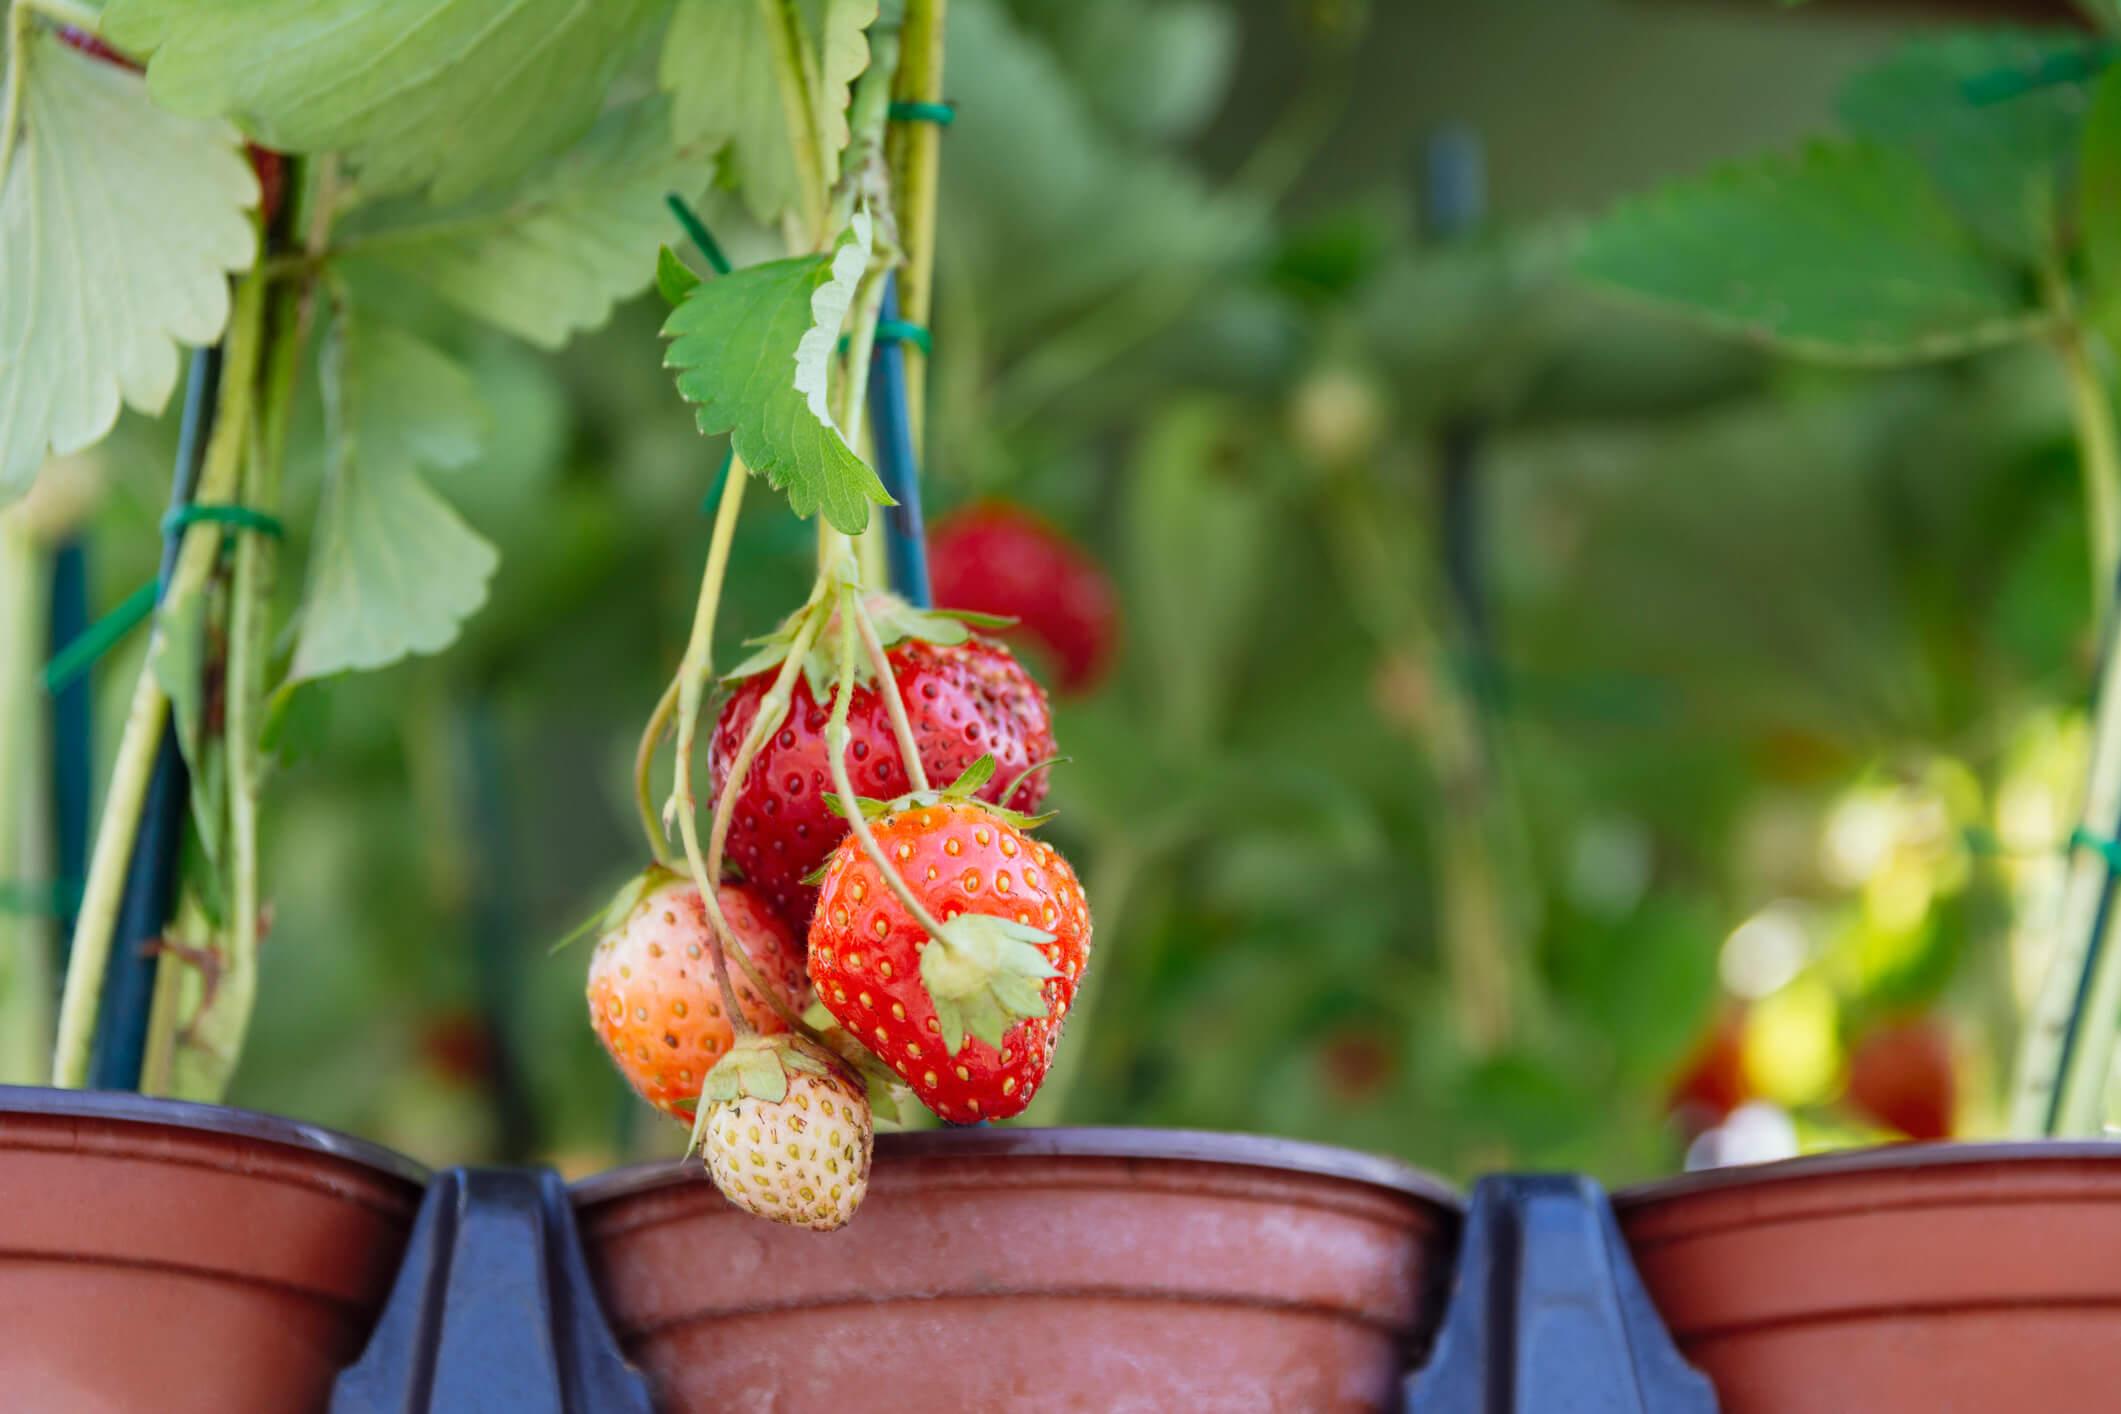 cara menanam buah strawberry di rumah dengan mudah